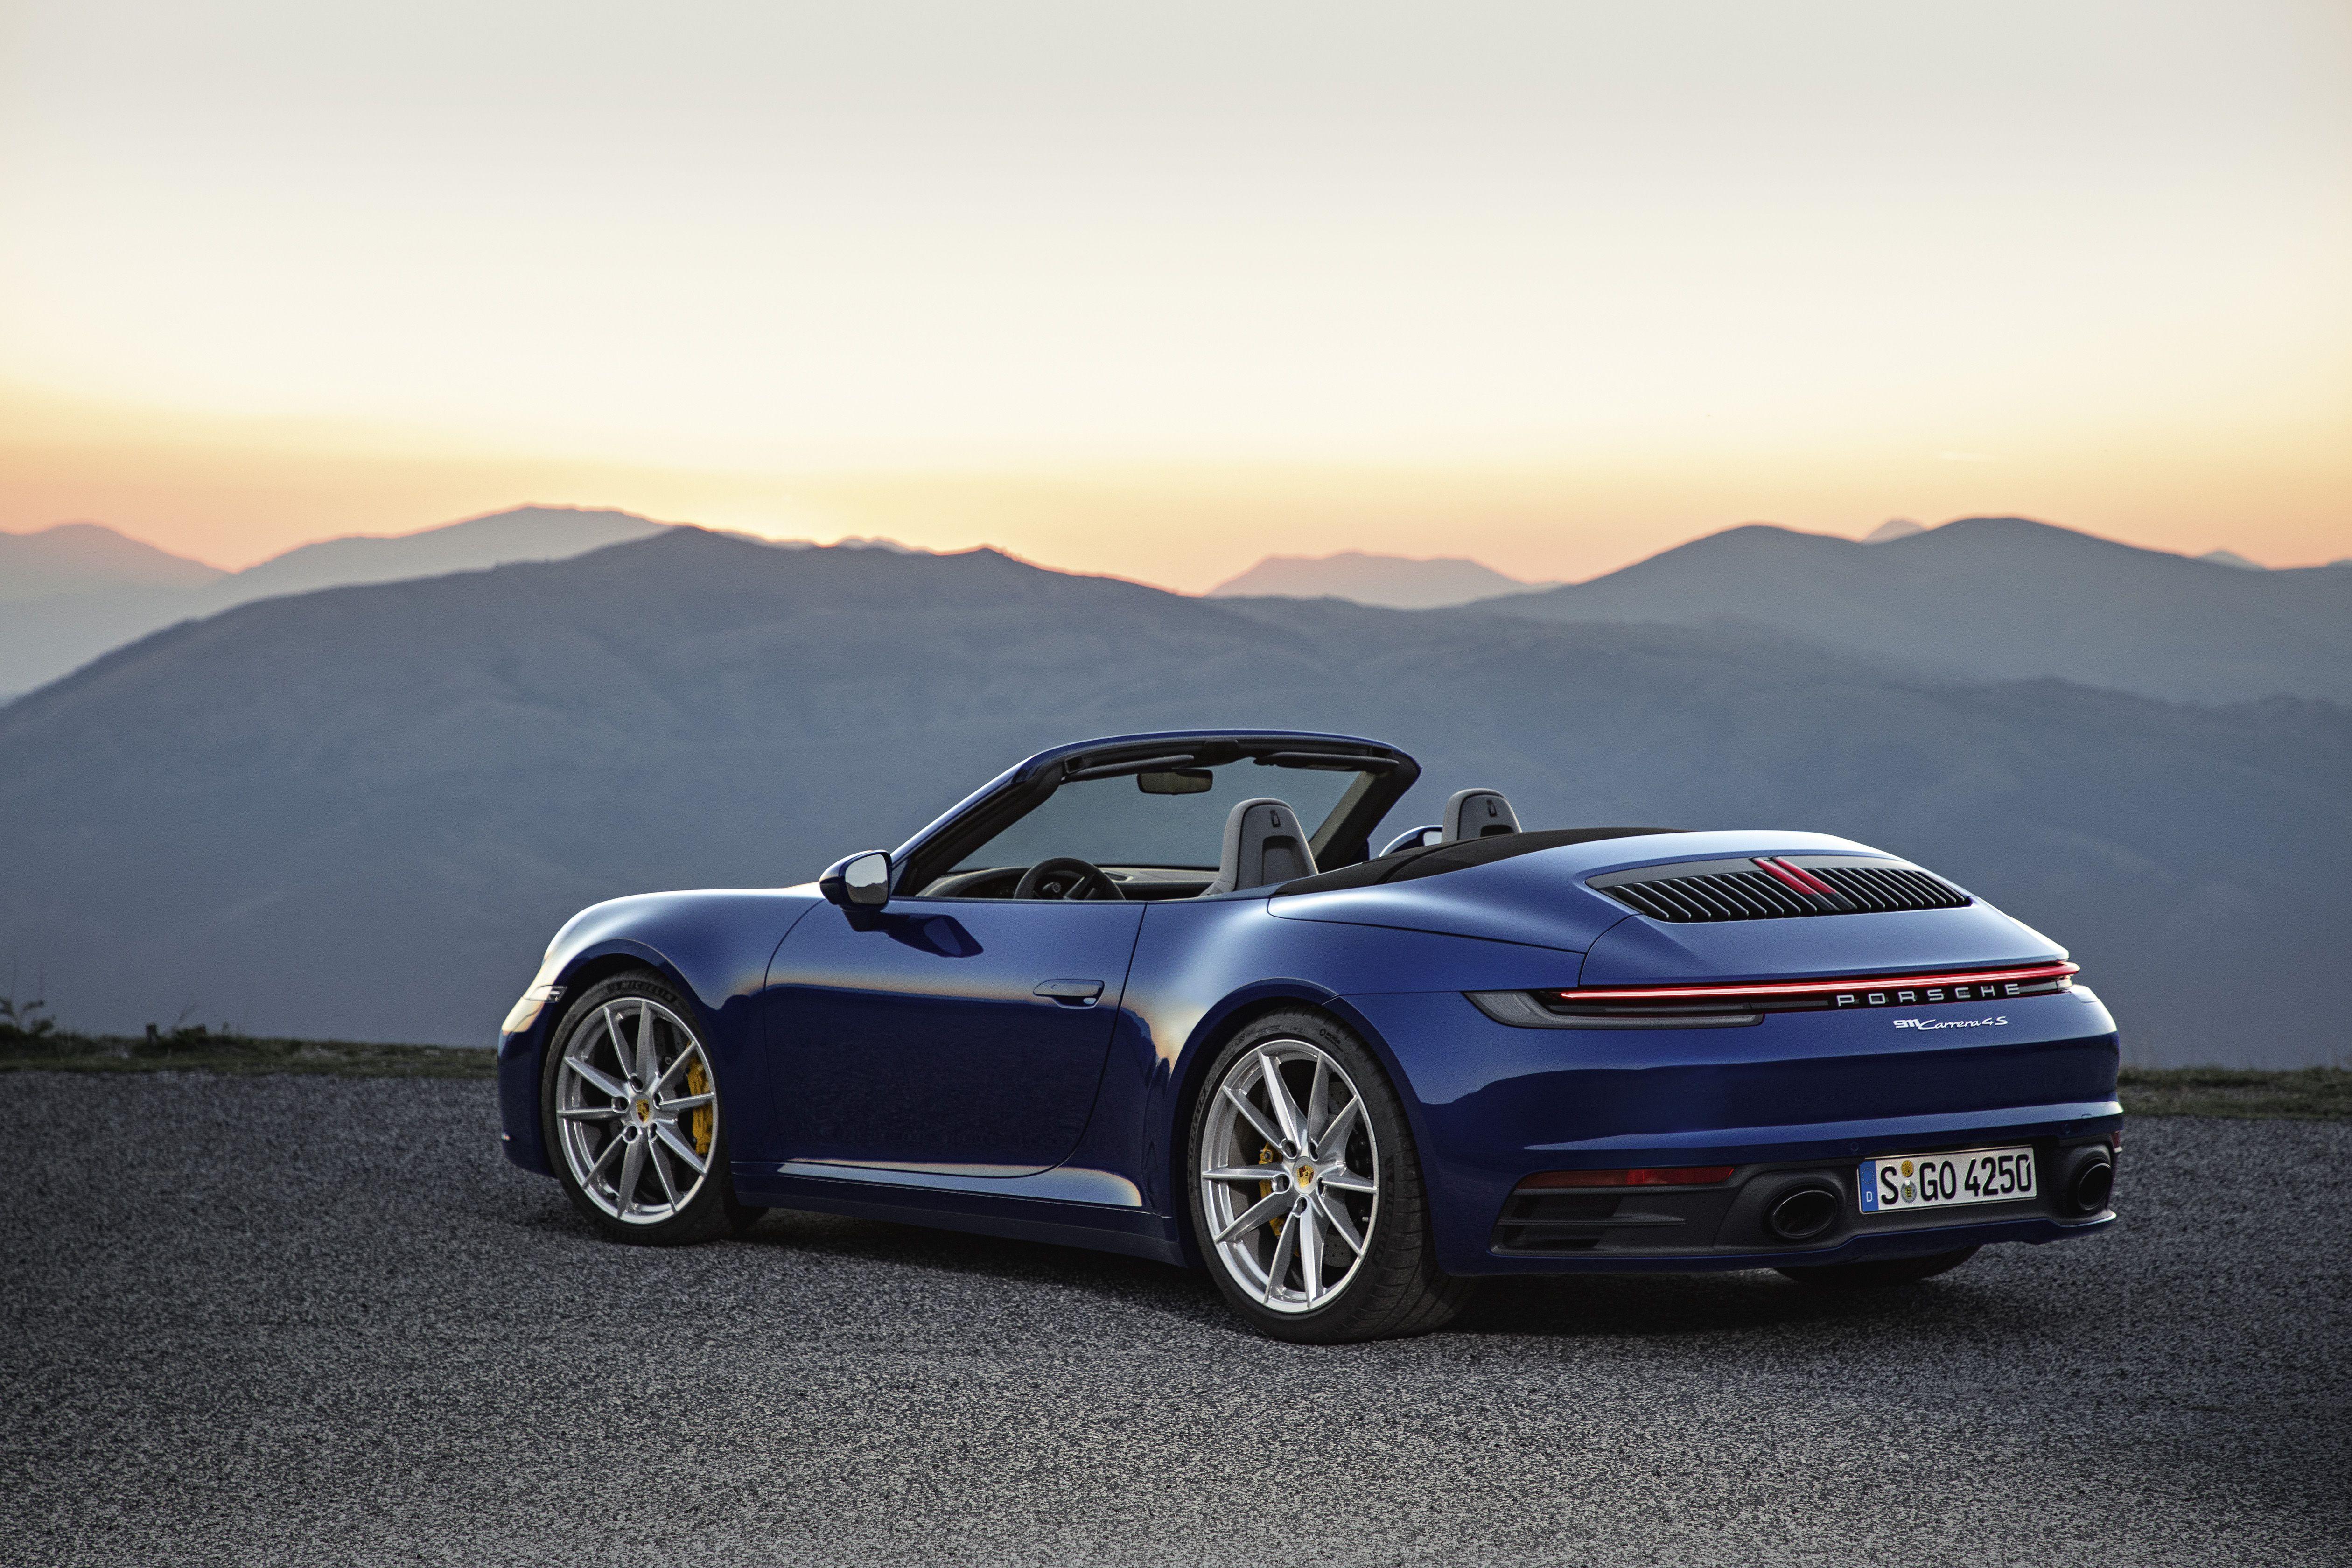 Pin By Dakels Innis On Autos Alemanes Germans Cars Porsche Convertible Porsche 911 Cabriolet Porsche 911